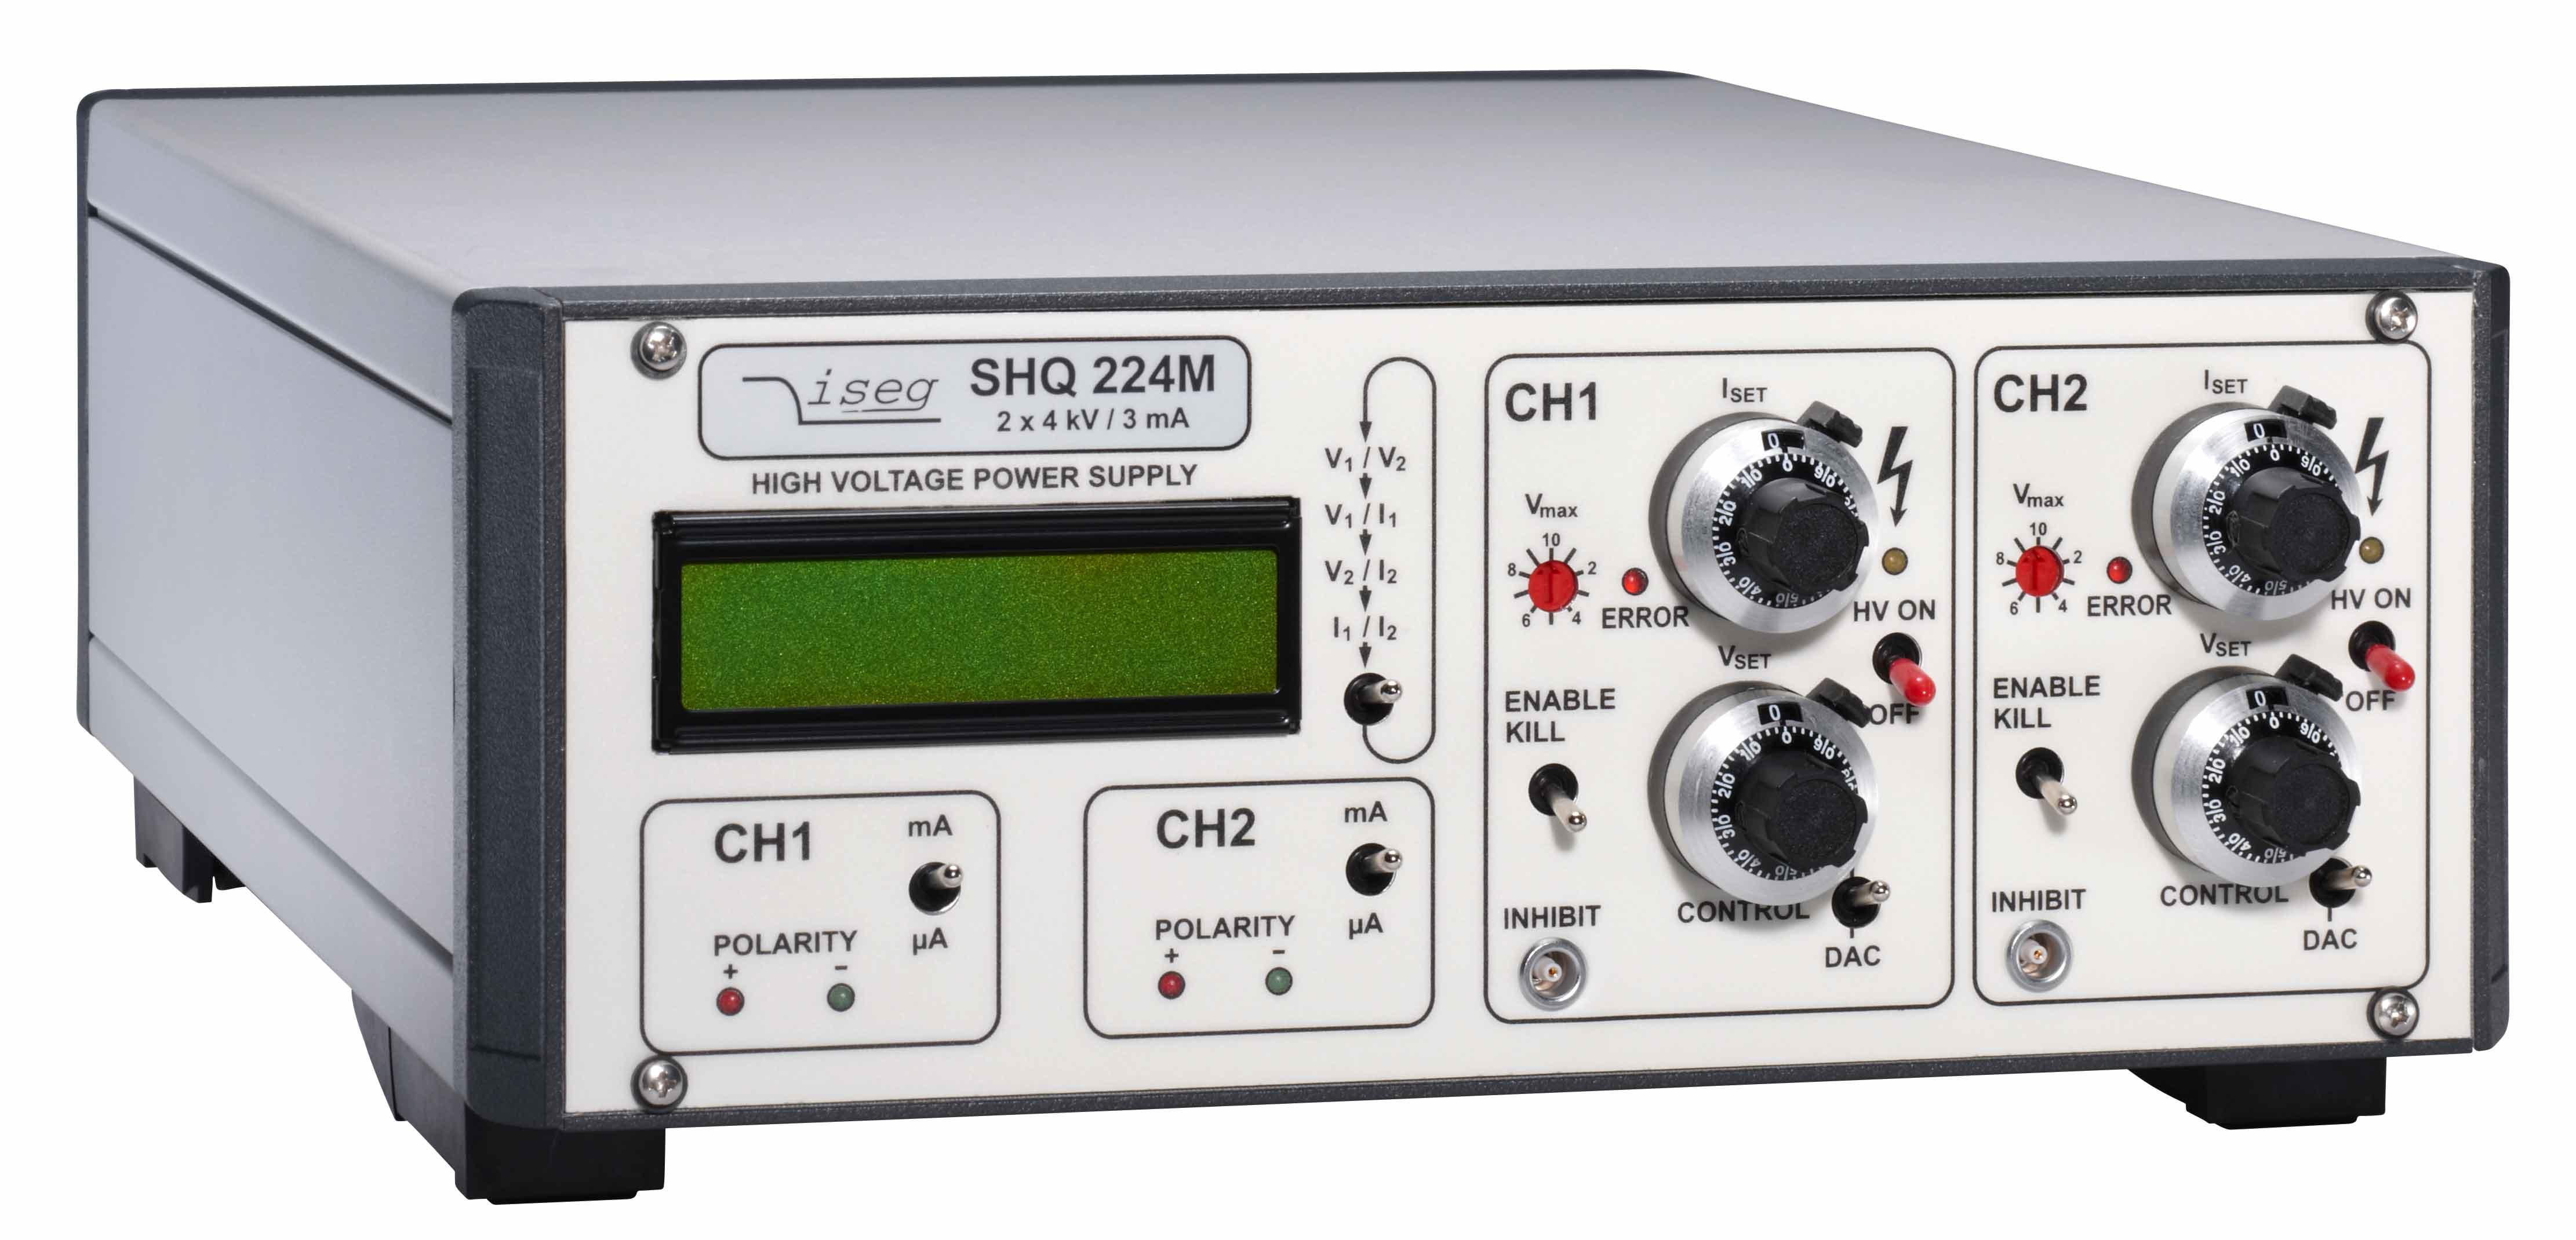 Alimentation haute tension 4 kV 3 mA double voie de sortie modele SHQ precision et stabilité Iseg